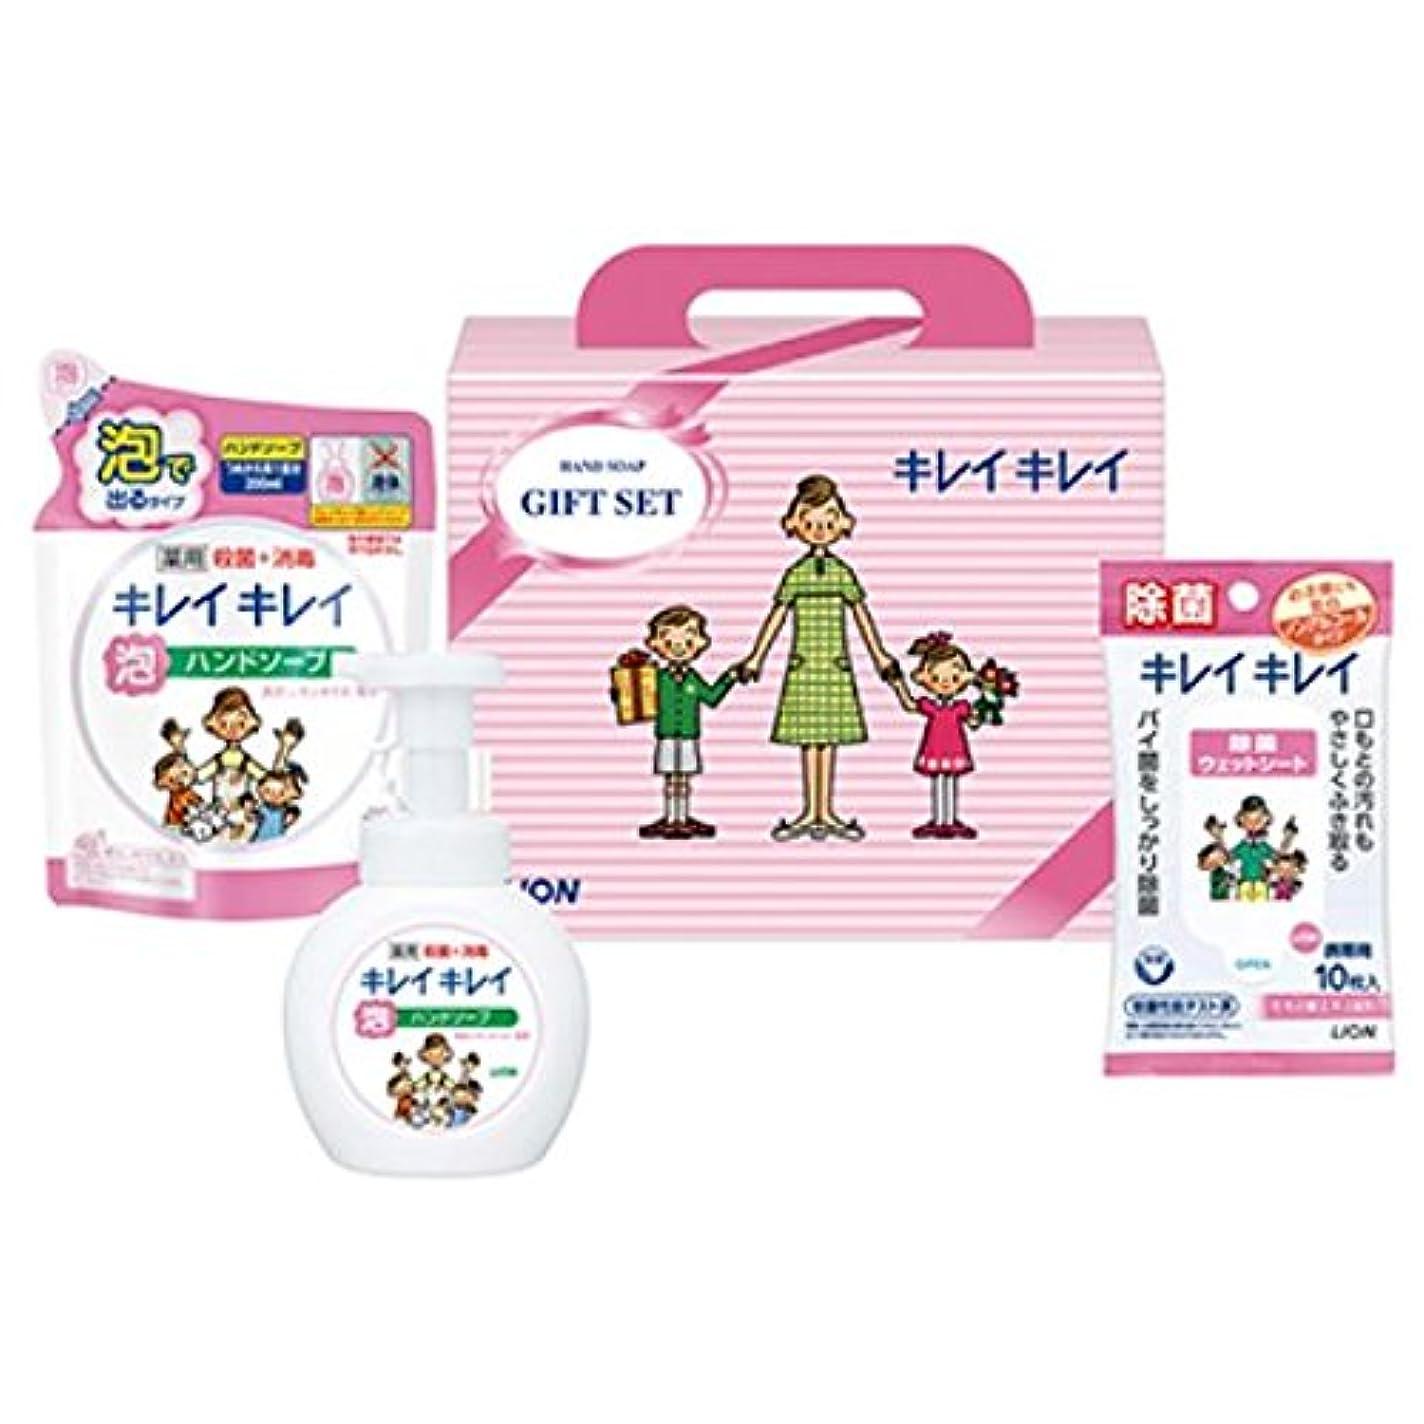 ピンポイントレタス未使用ライオン キレイキレイギフト【B倉庫】